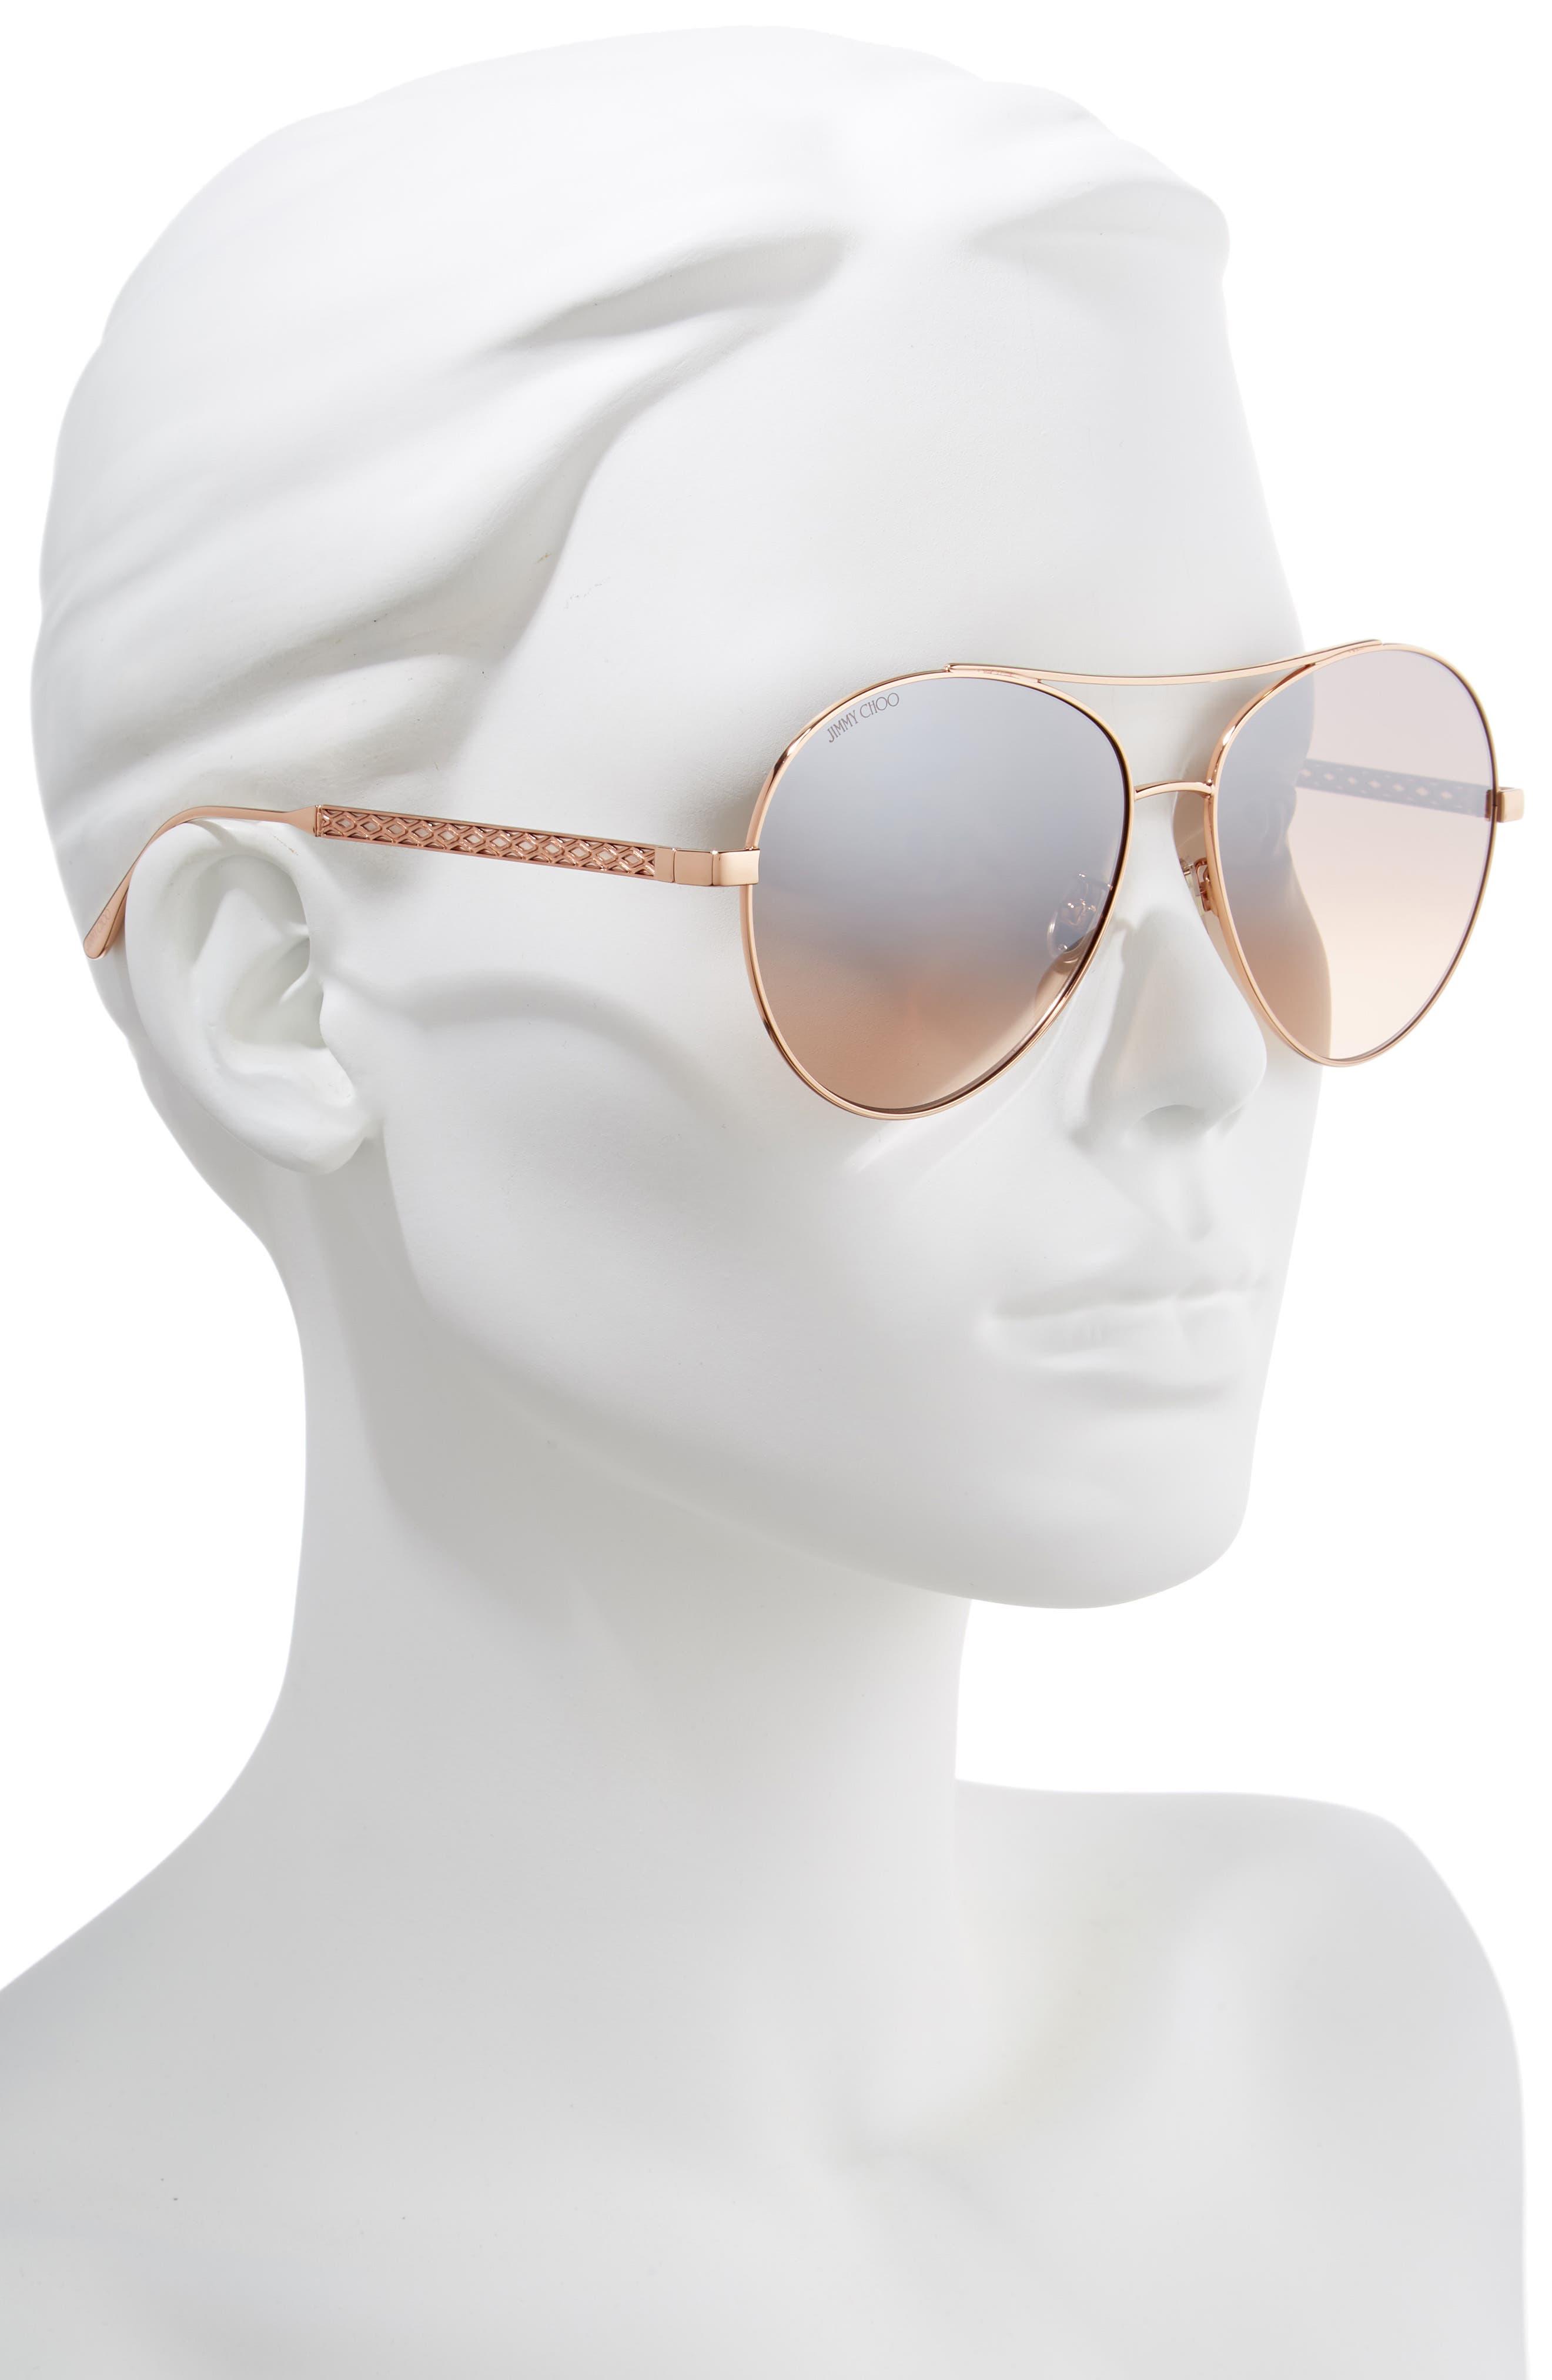 ddc855acf2abc Jimmy Choo Aviator Sunglasses